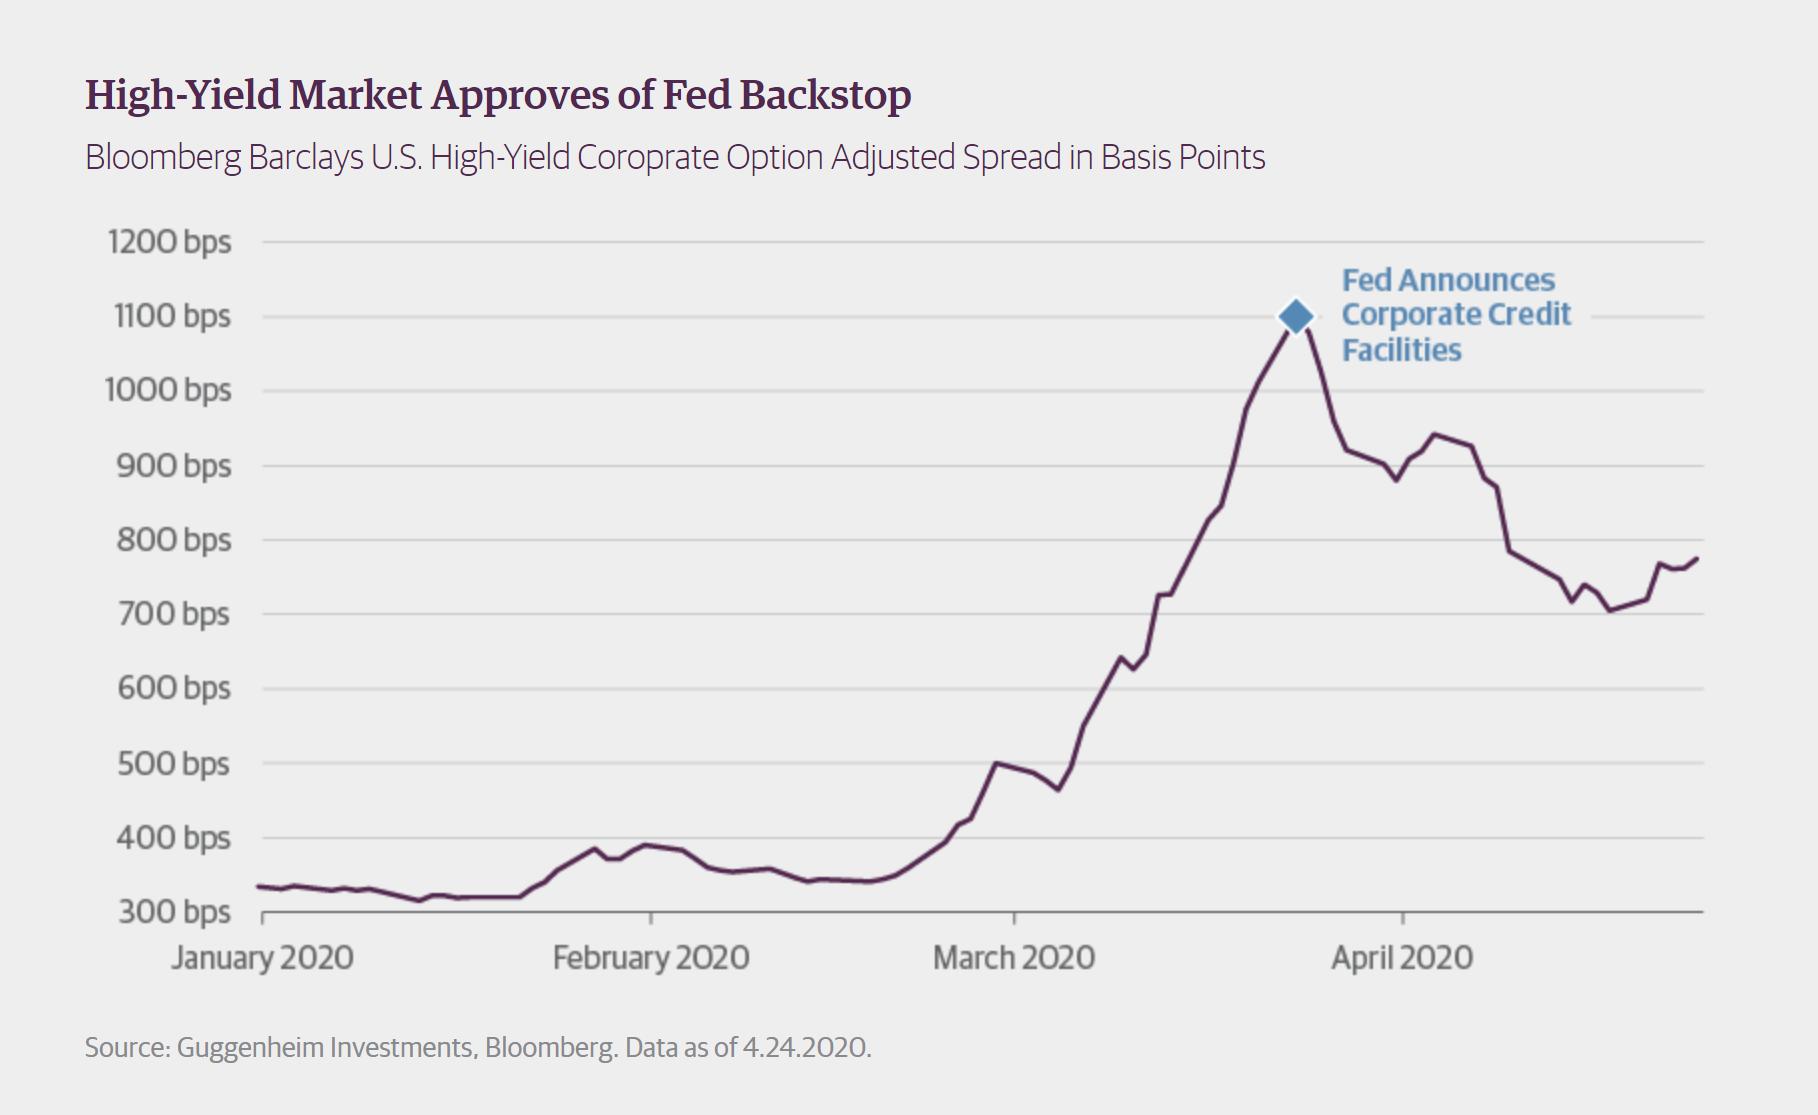 古根海姆:美国经济需4年才可回至疫前水平 失业率最高达30%